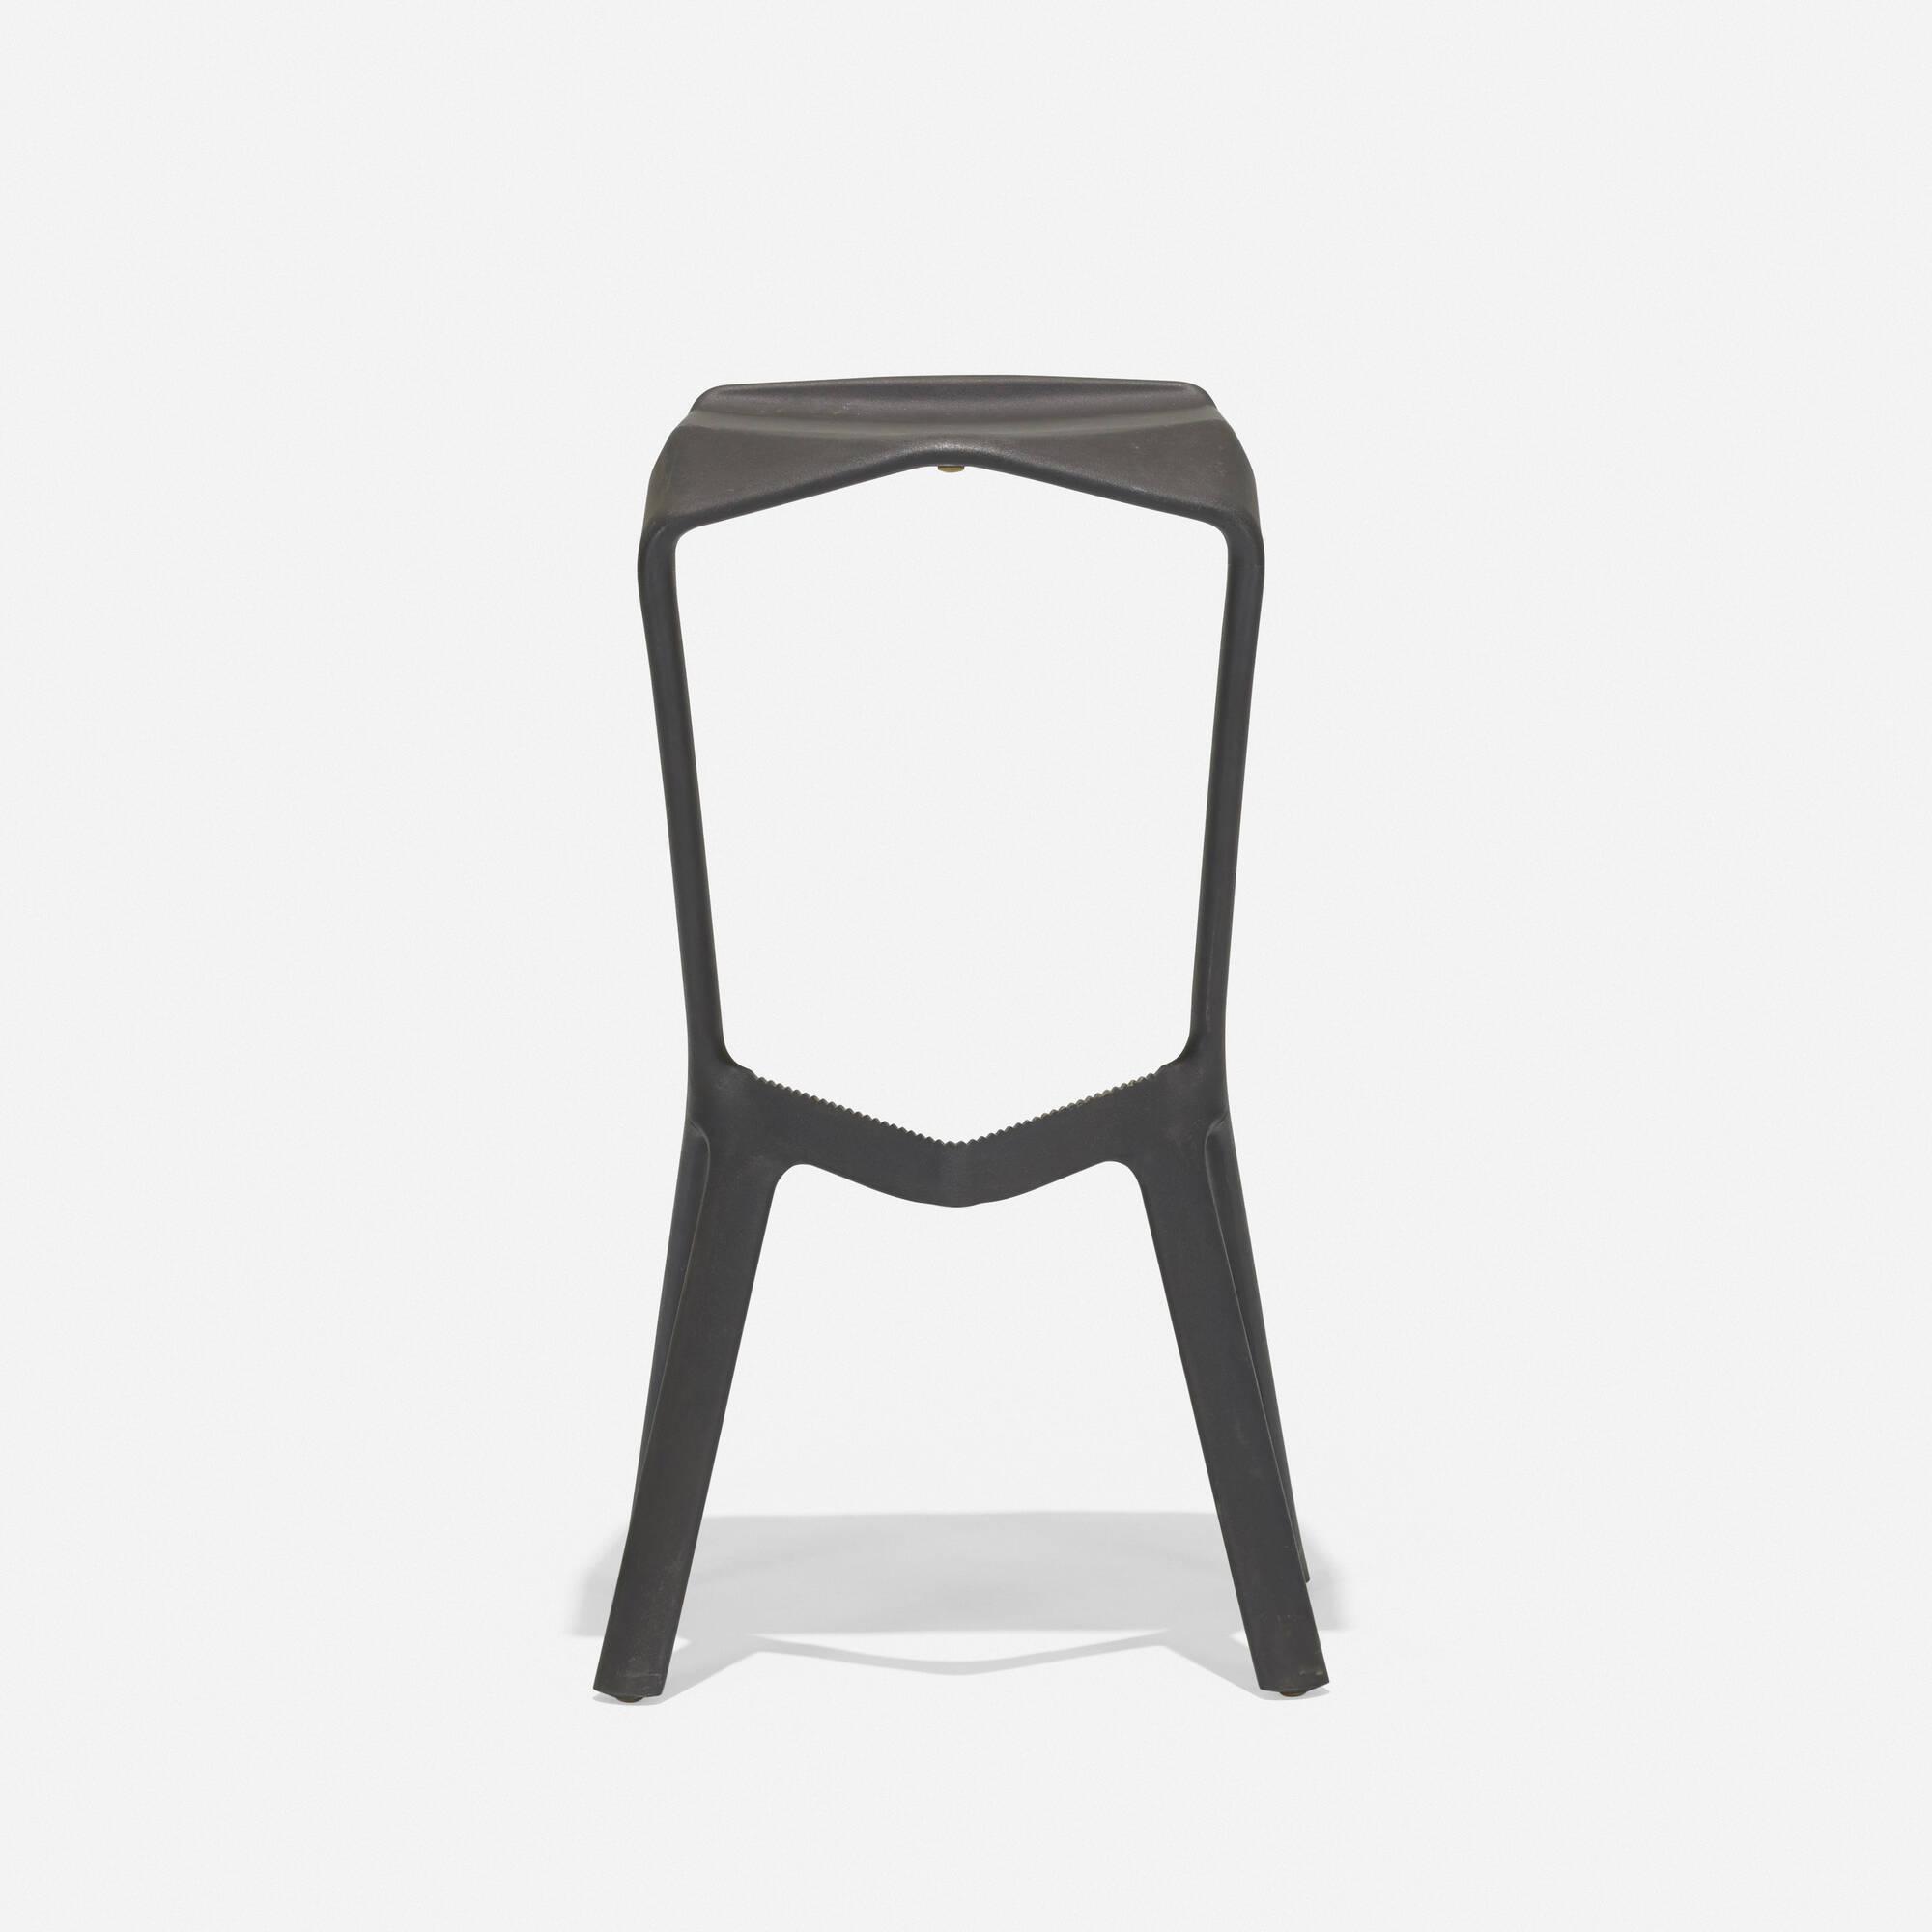 442: Konstantin Grcic / Miura stool (2 of 3)